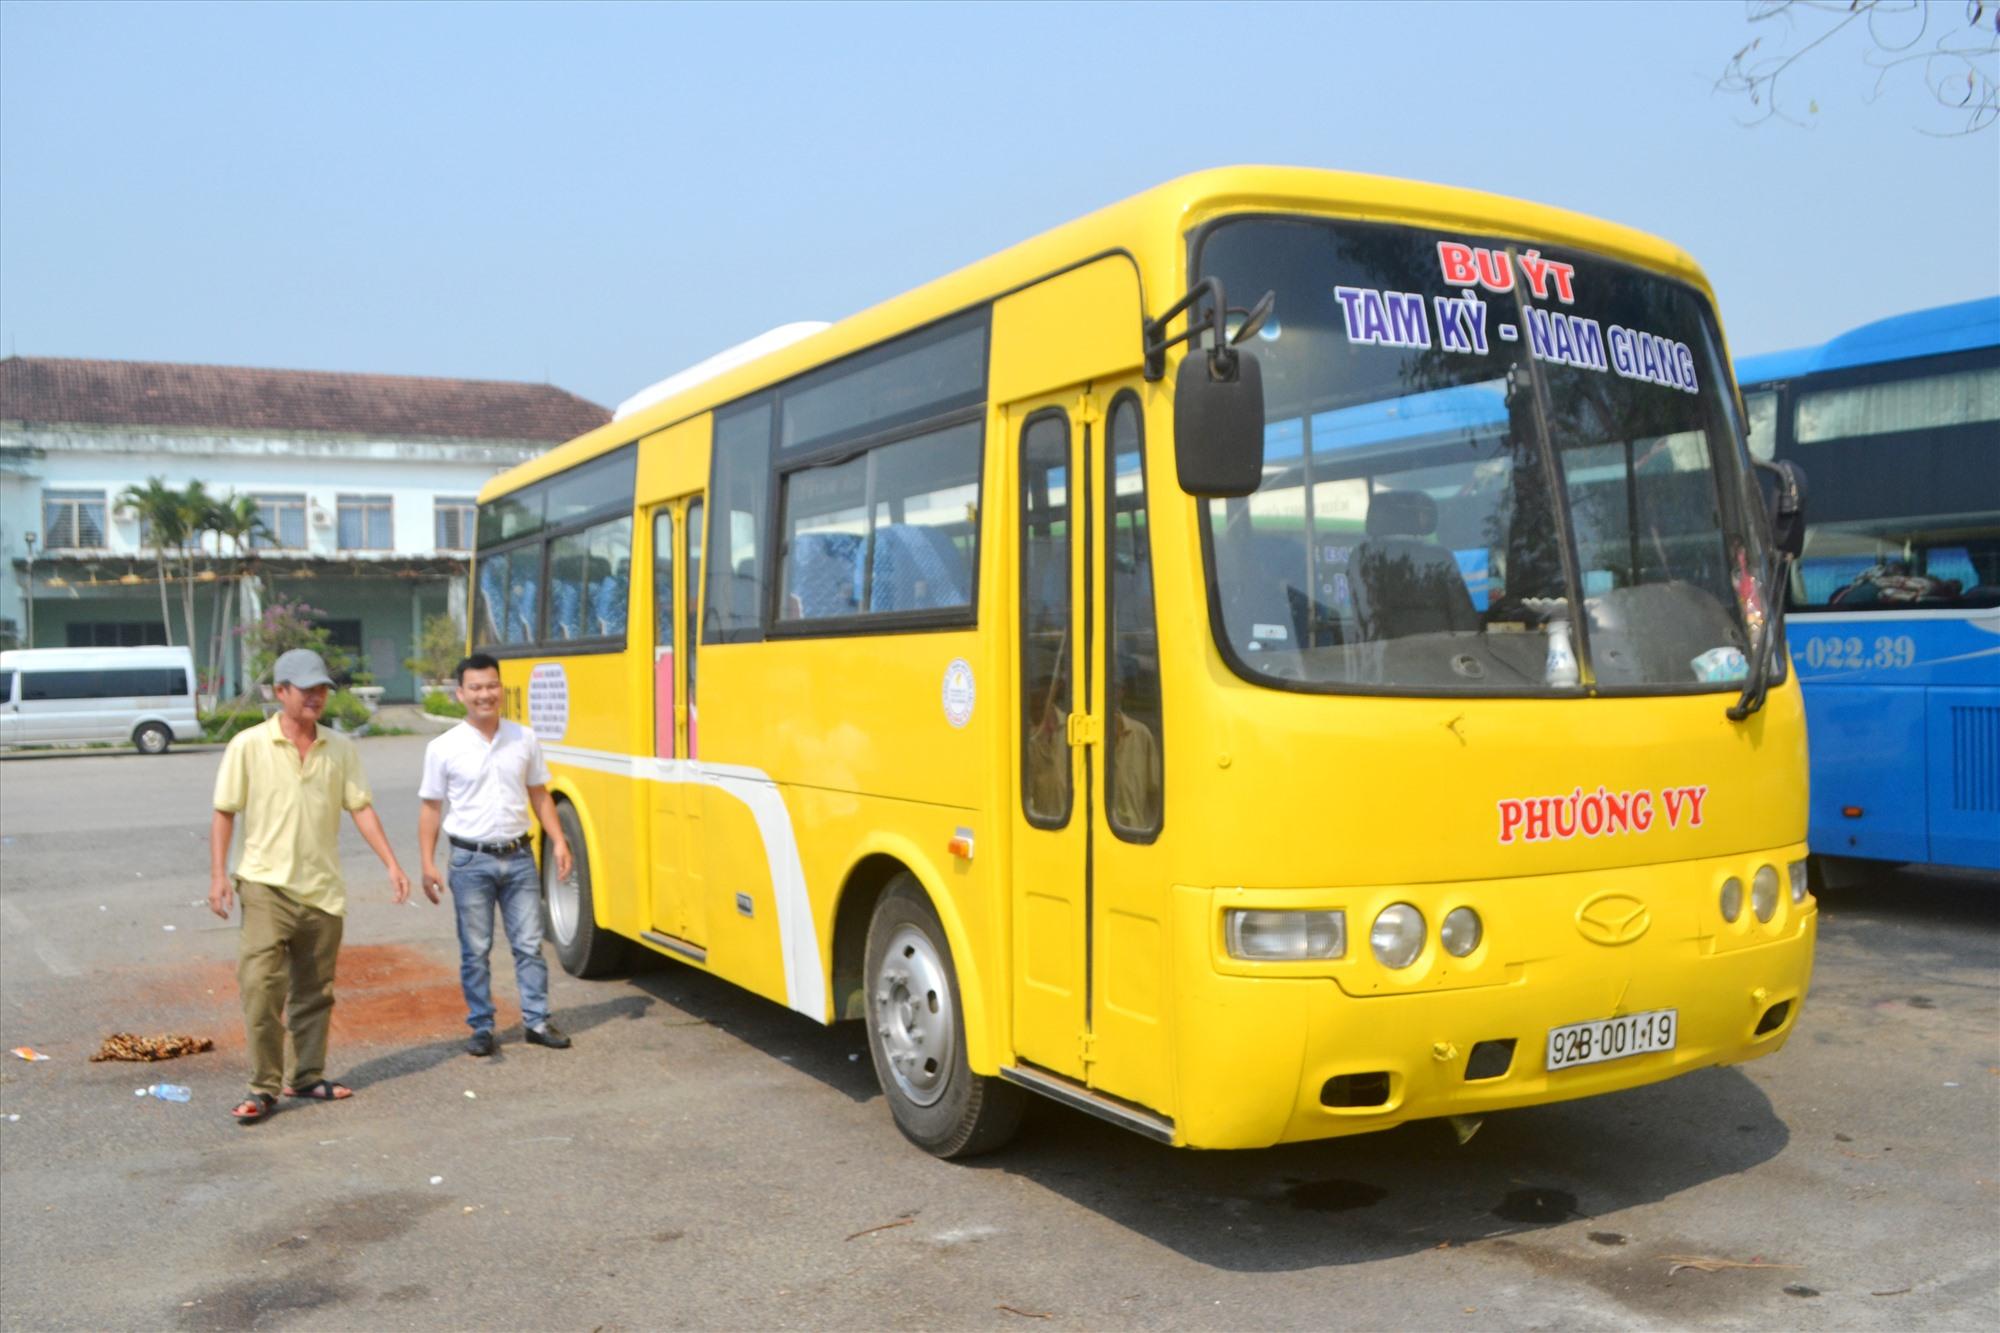 Xe buýt Tam Kỳ-Nam Giang là tuyến xe buýt đầu tiên đi từ trung tâm tỉnh lỵ lên huyện miền núi phía tây bắc của tỉnh. Ảnh: CT